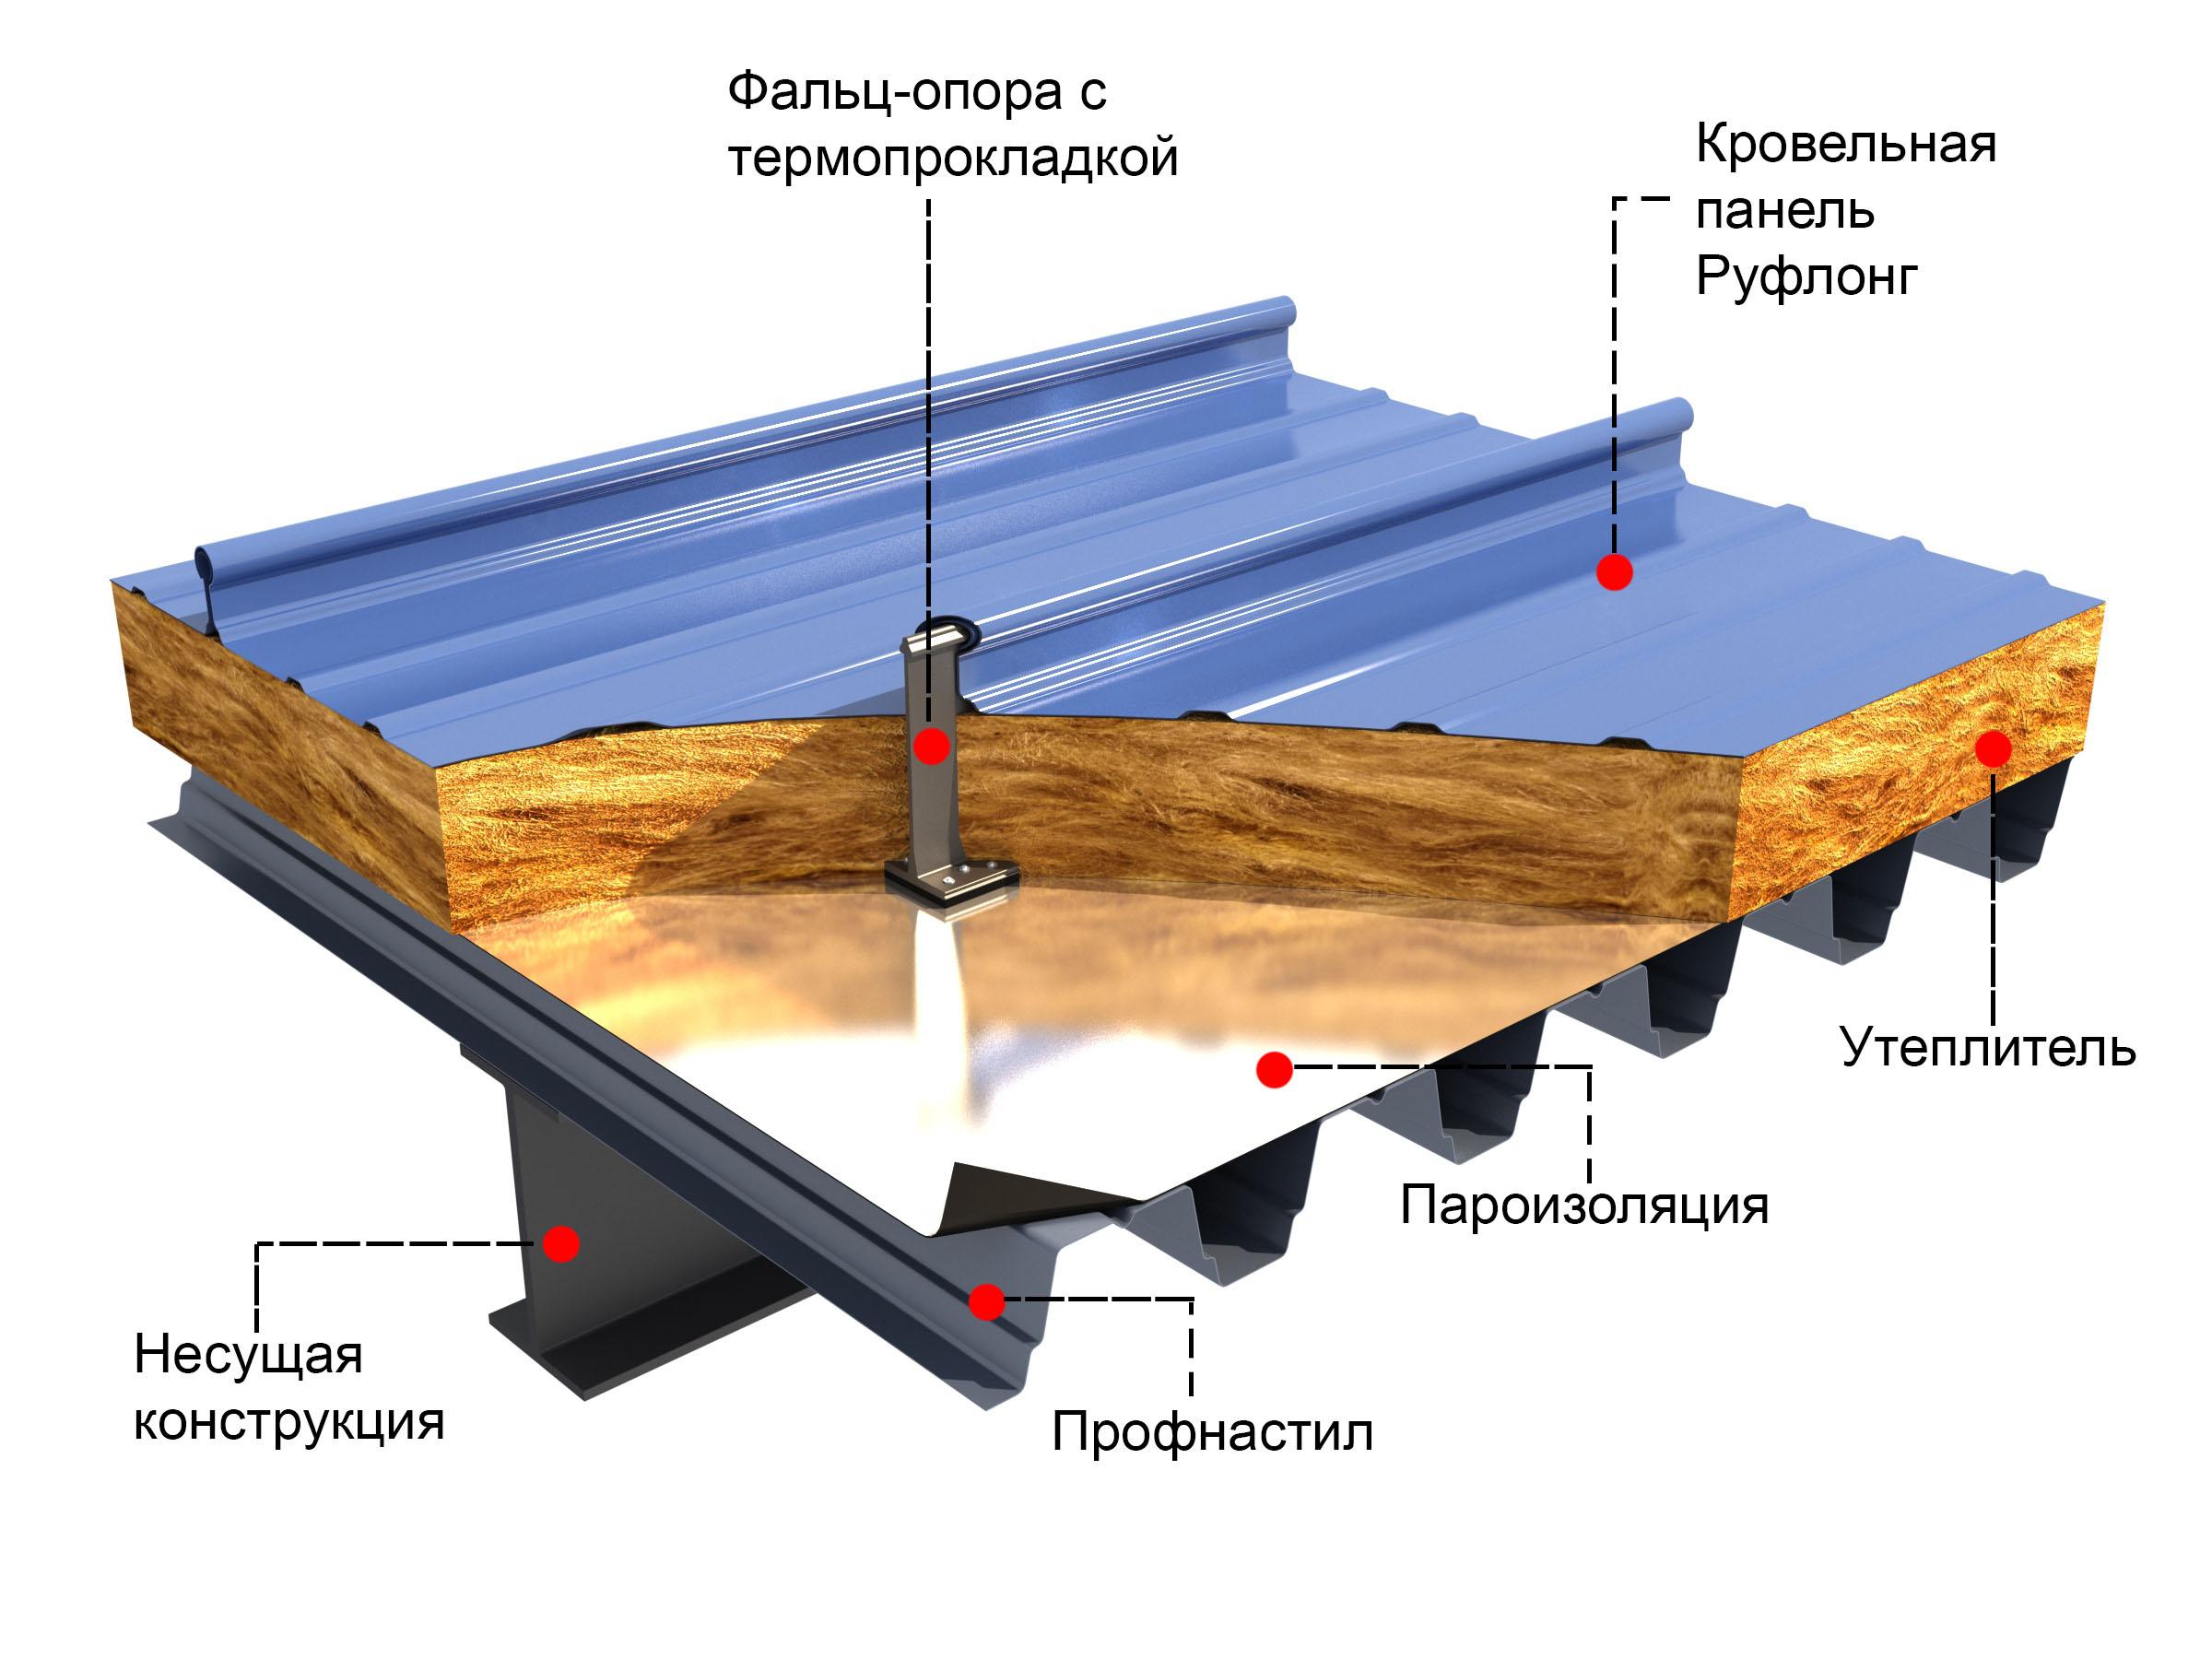 Утеплитель под профнастил: теплоизоляция крыши   тепломонстр